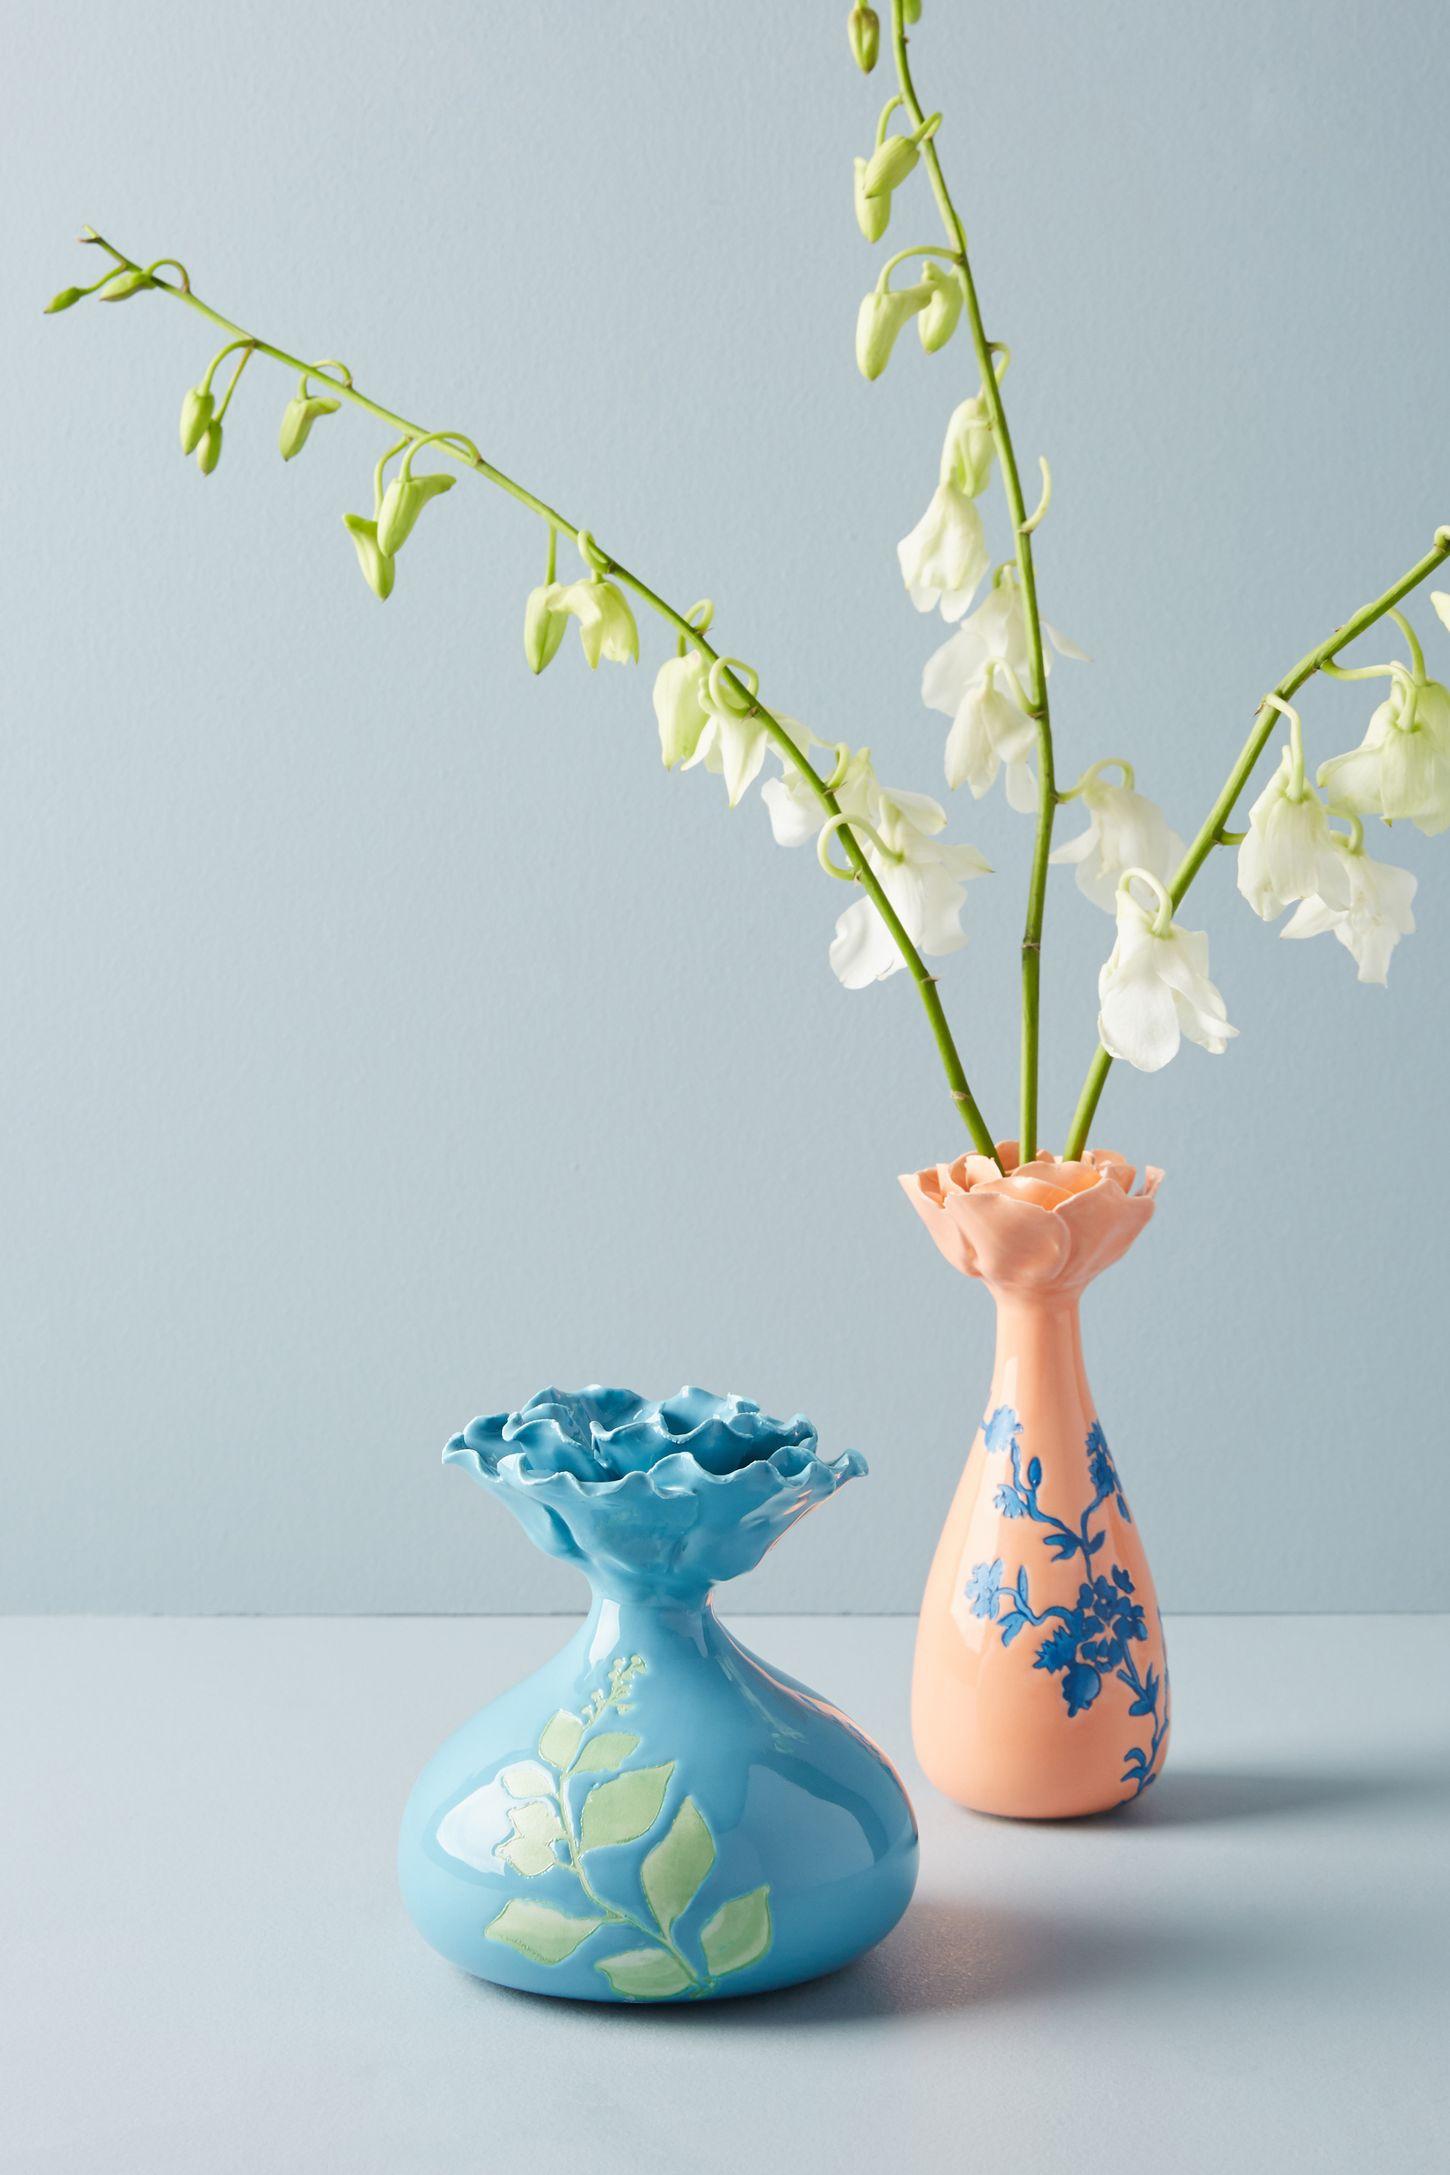 Blue unique modern decorative vases anthropologie blooming vase reviewsmspy